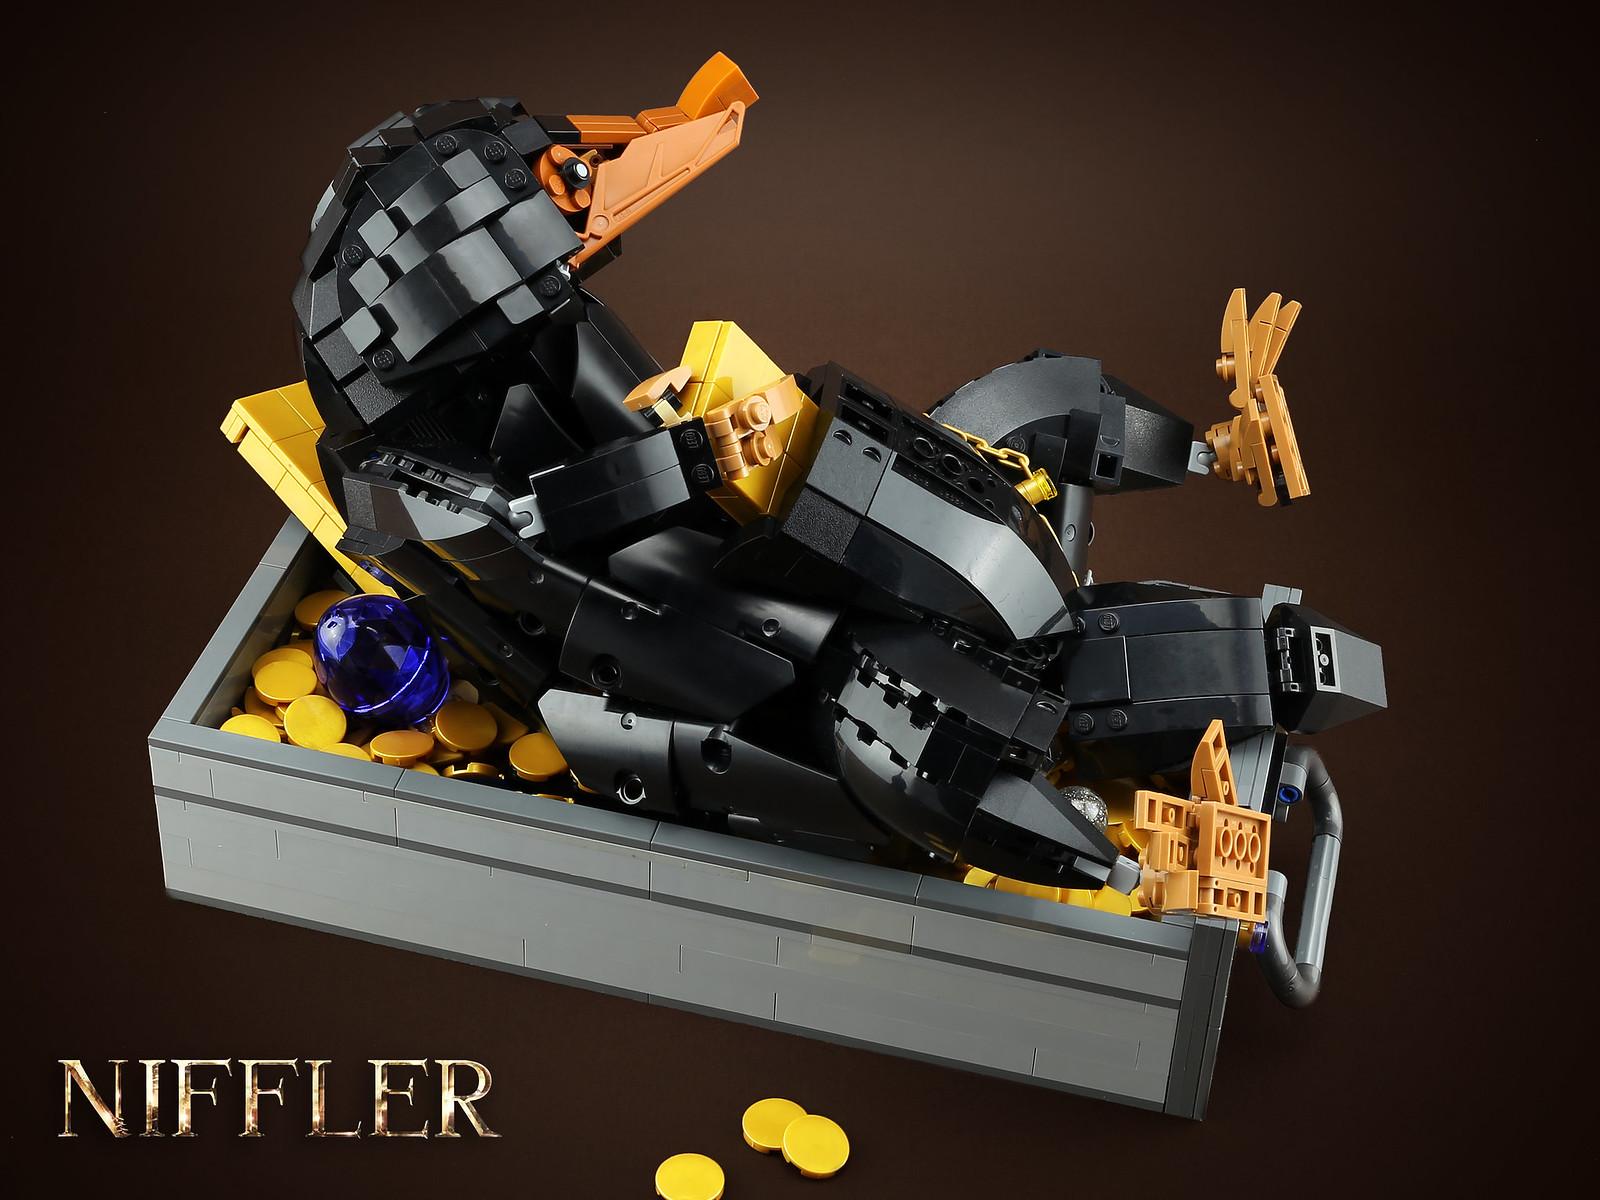 лего самоделка нюхлер